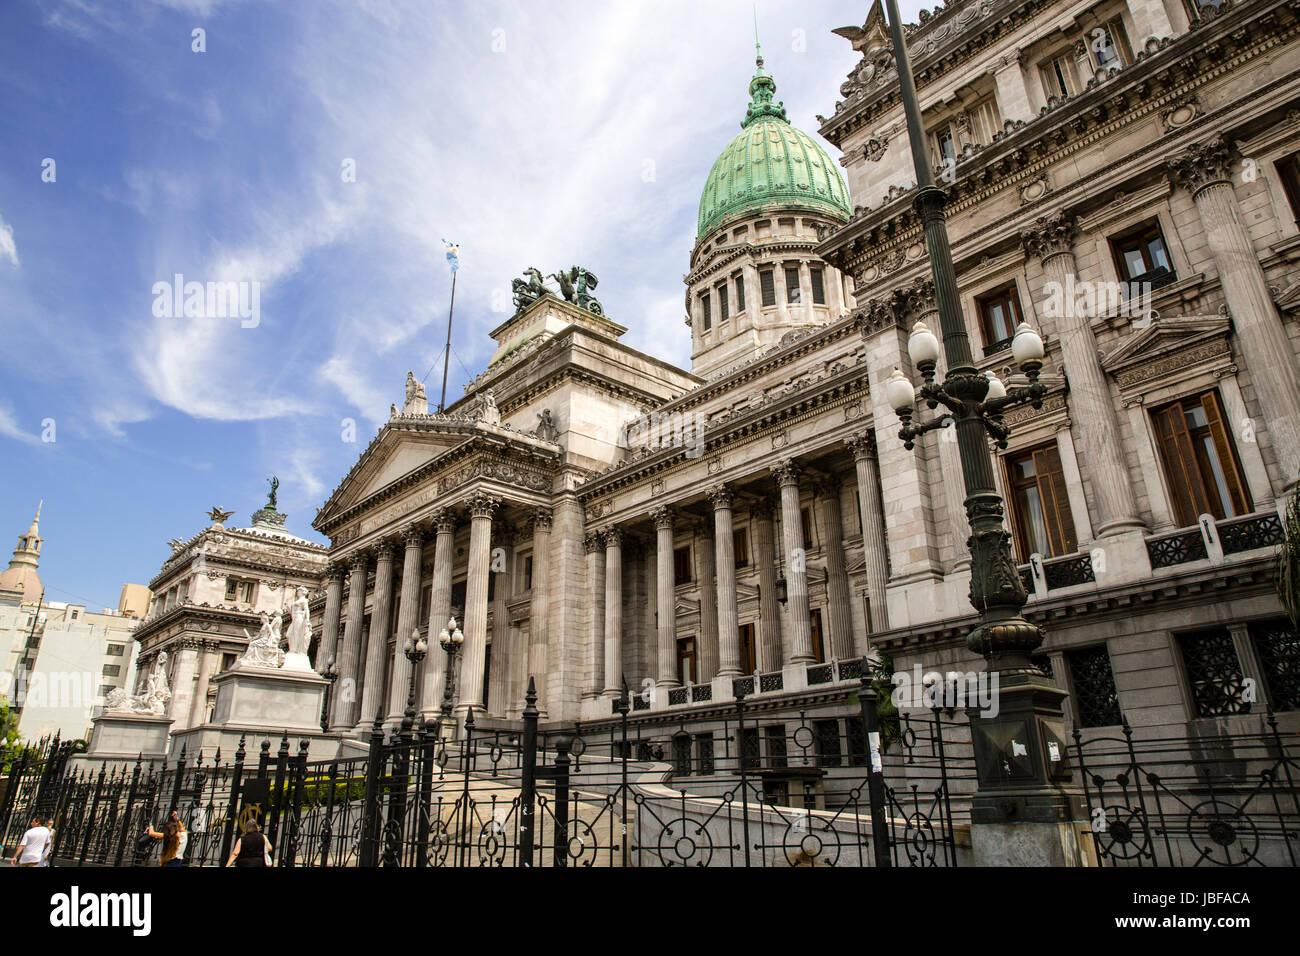 Congreso Nacional en Buenos Aires, Argentina Imagen De Stock